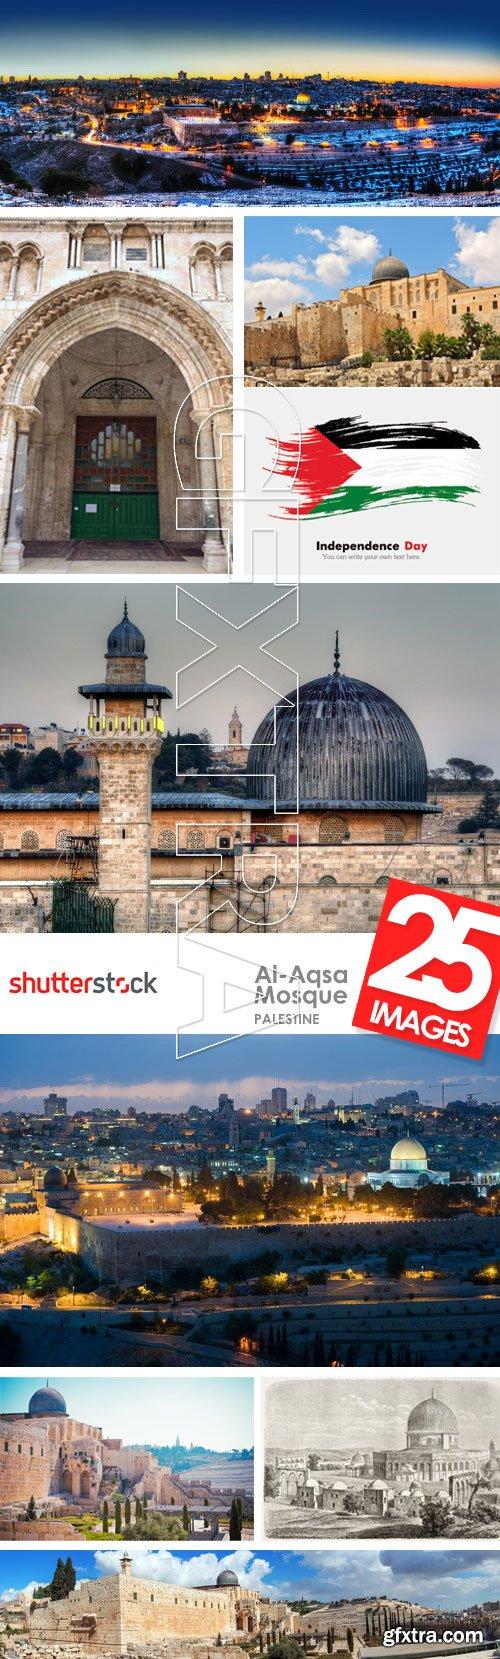 Al-Aqsa Mosque, Palestine 23xJPG, 2xEPS